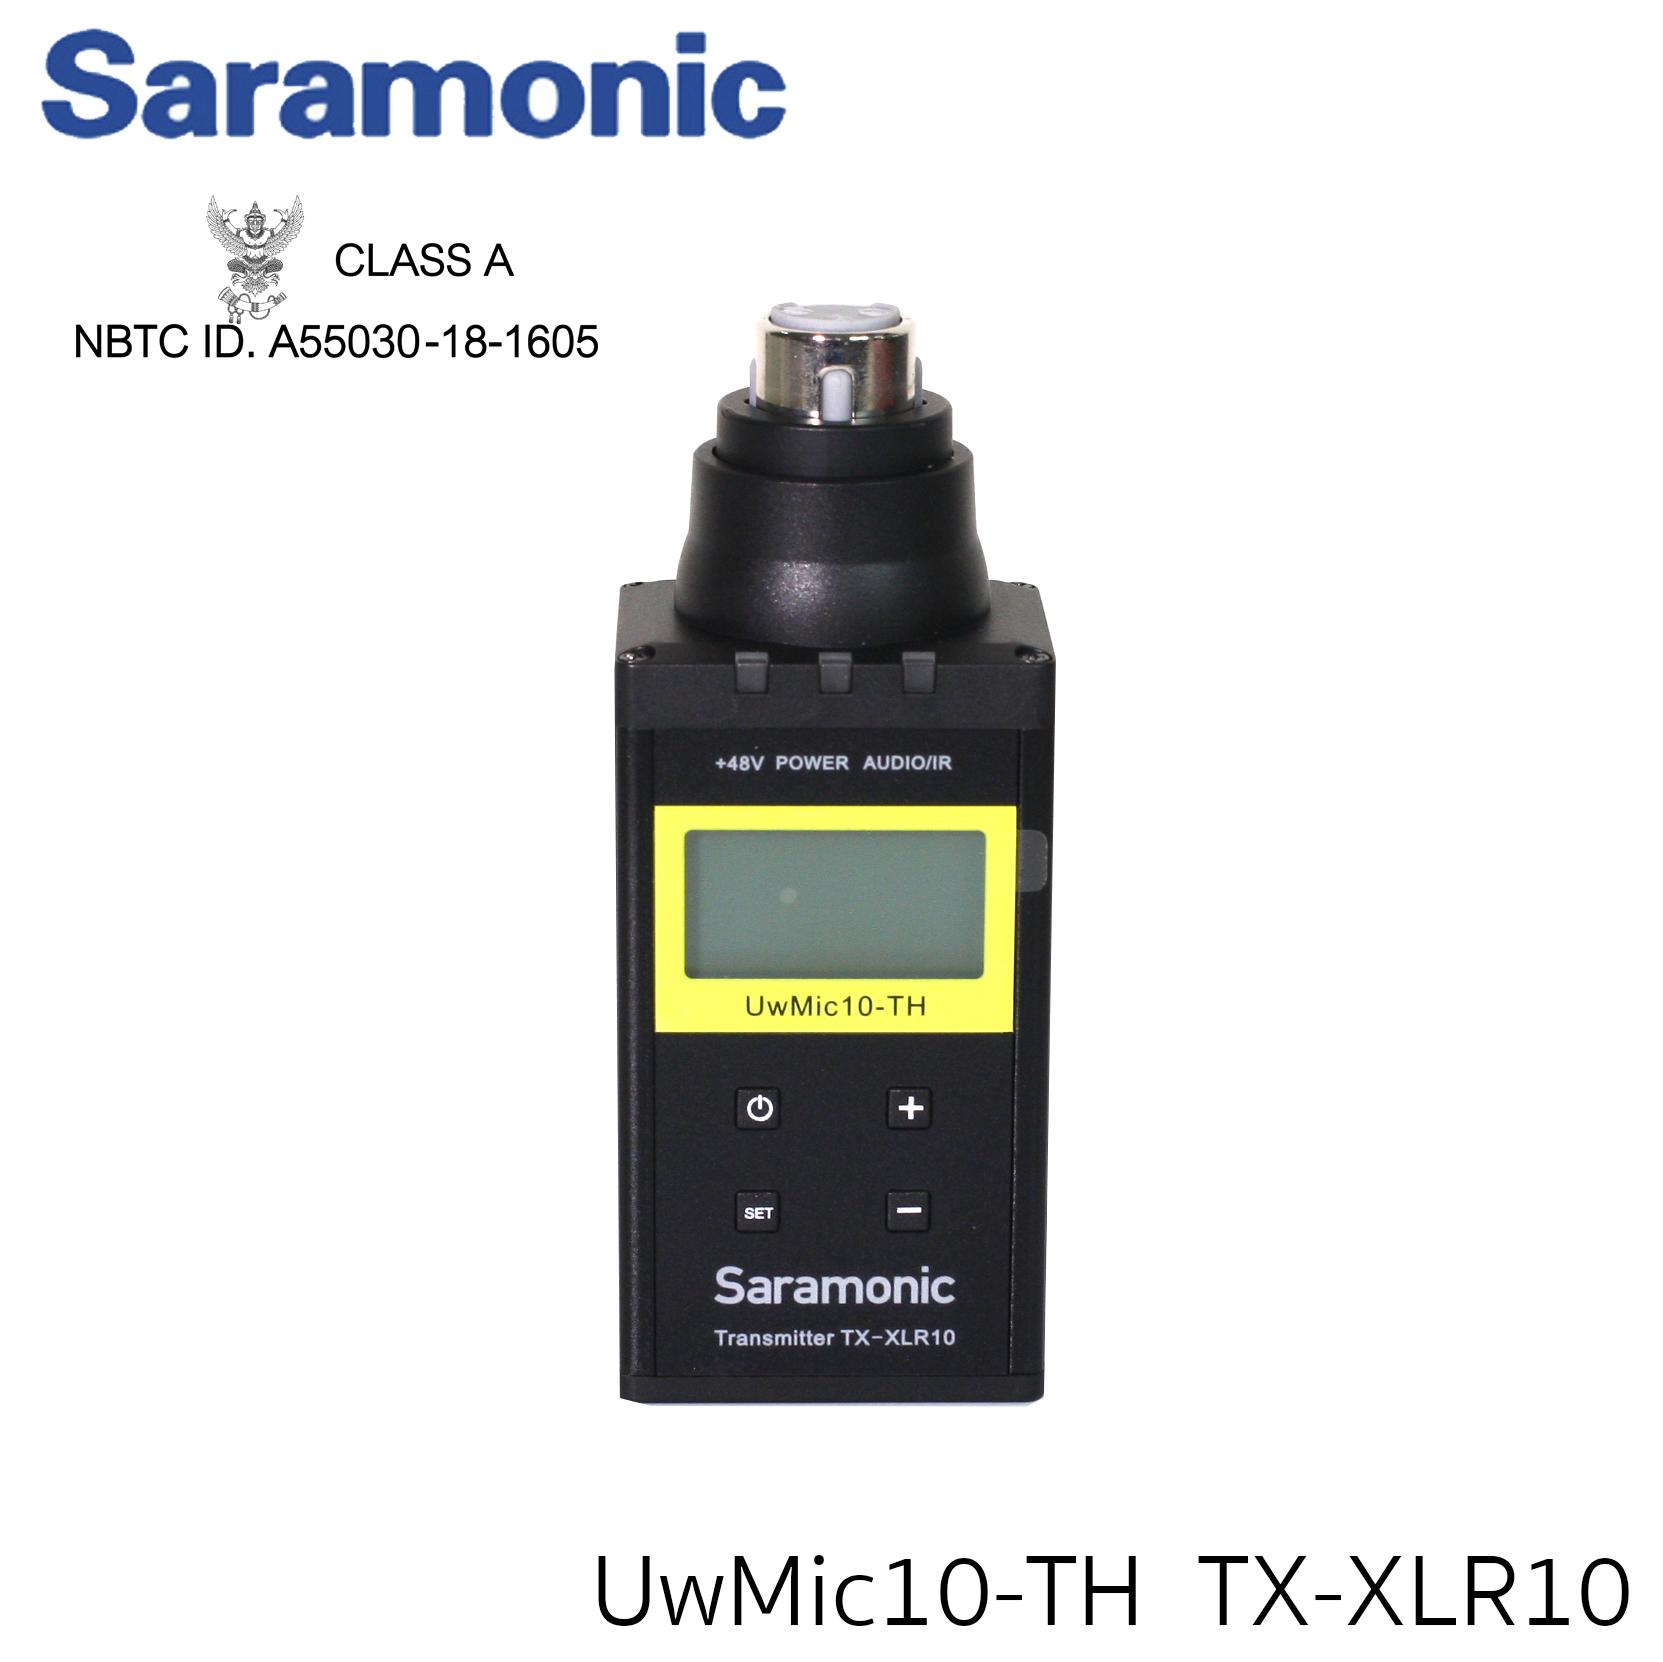 Saramonic TX-XLR10 Plug On Transmitter